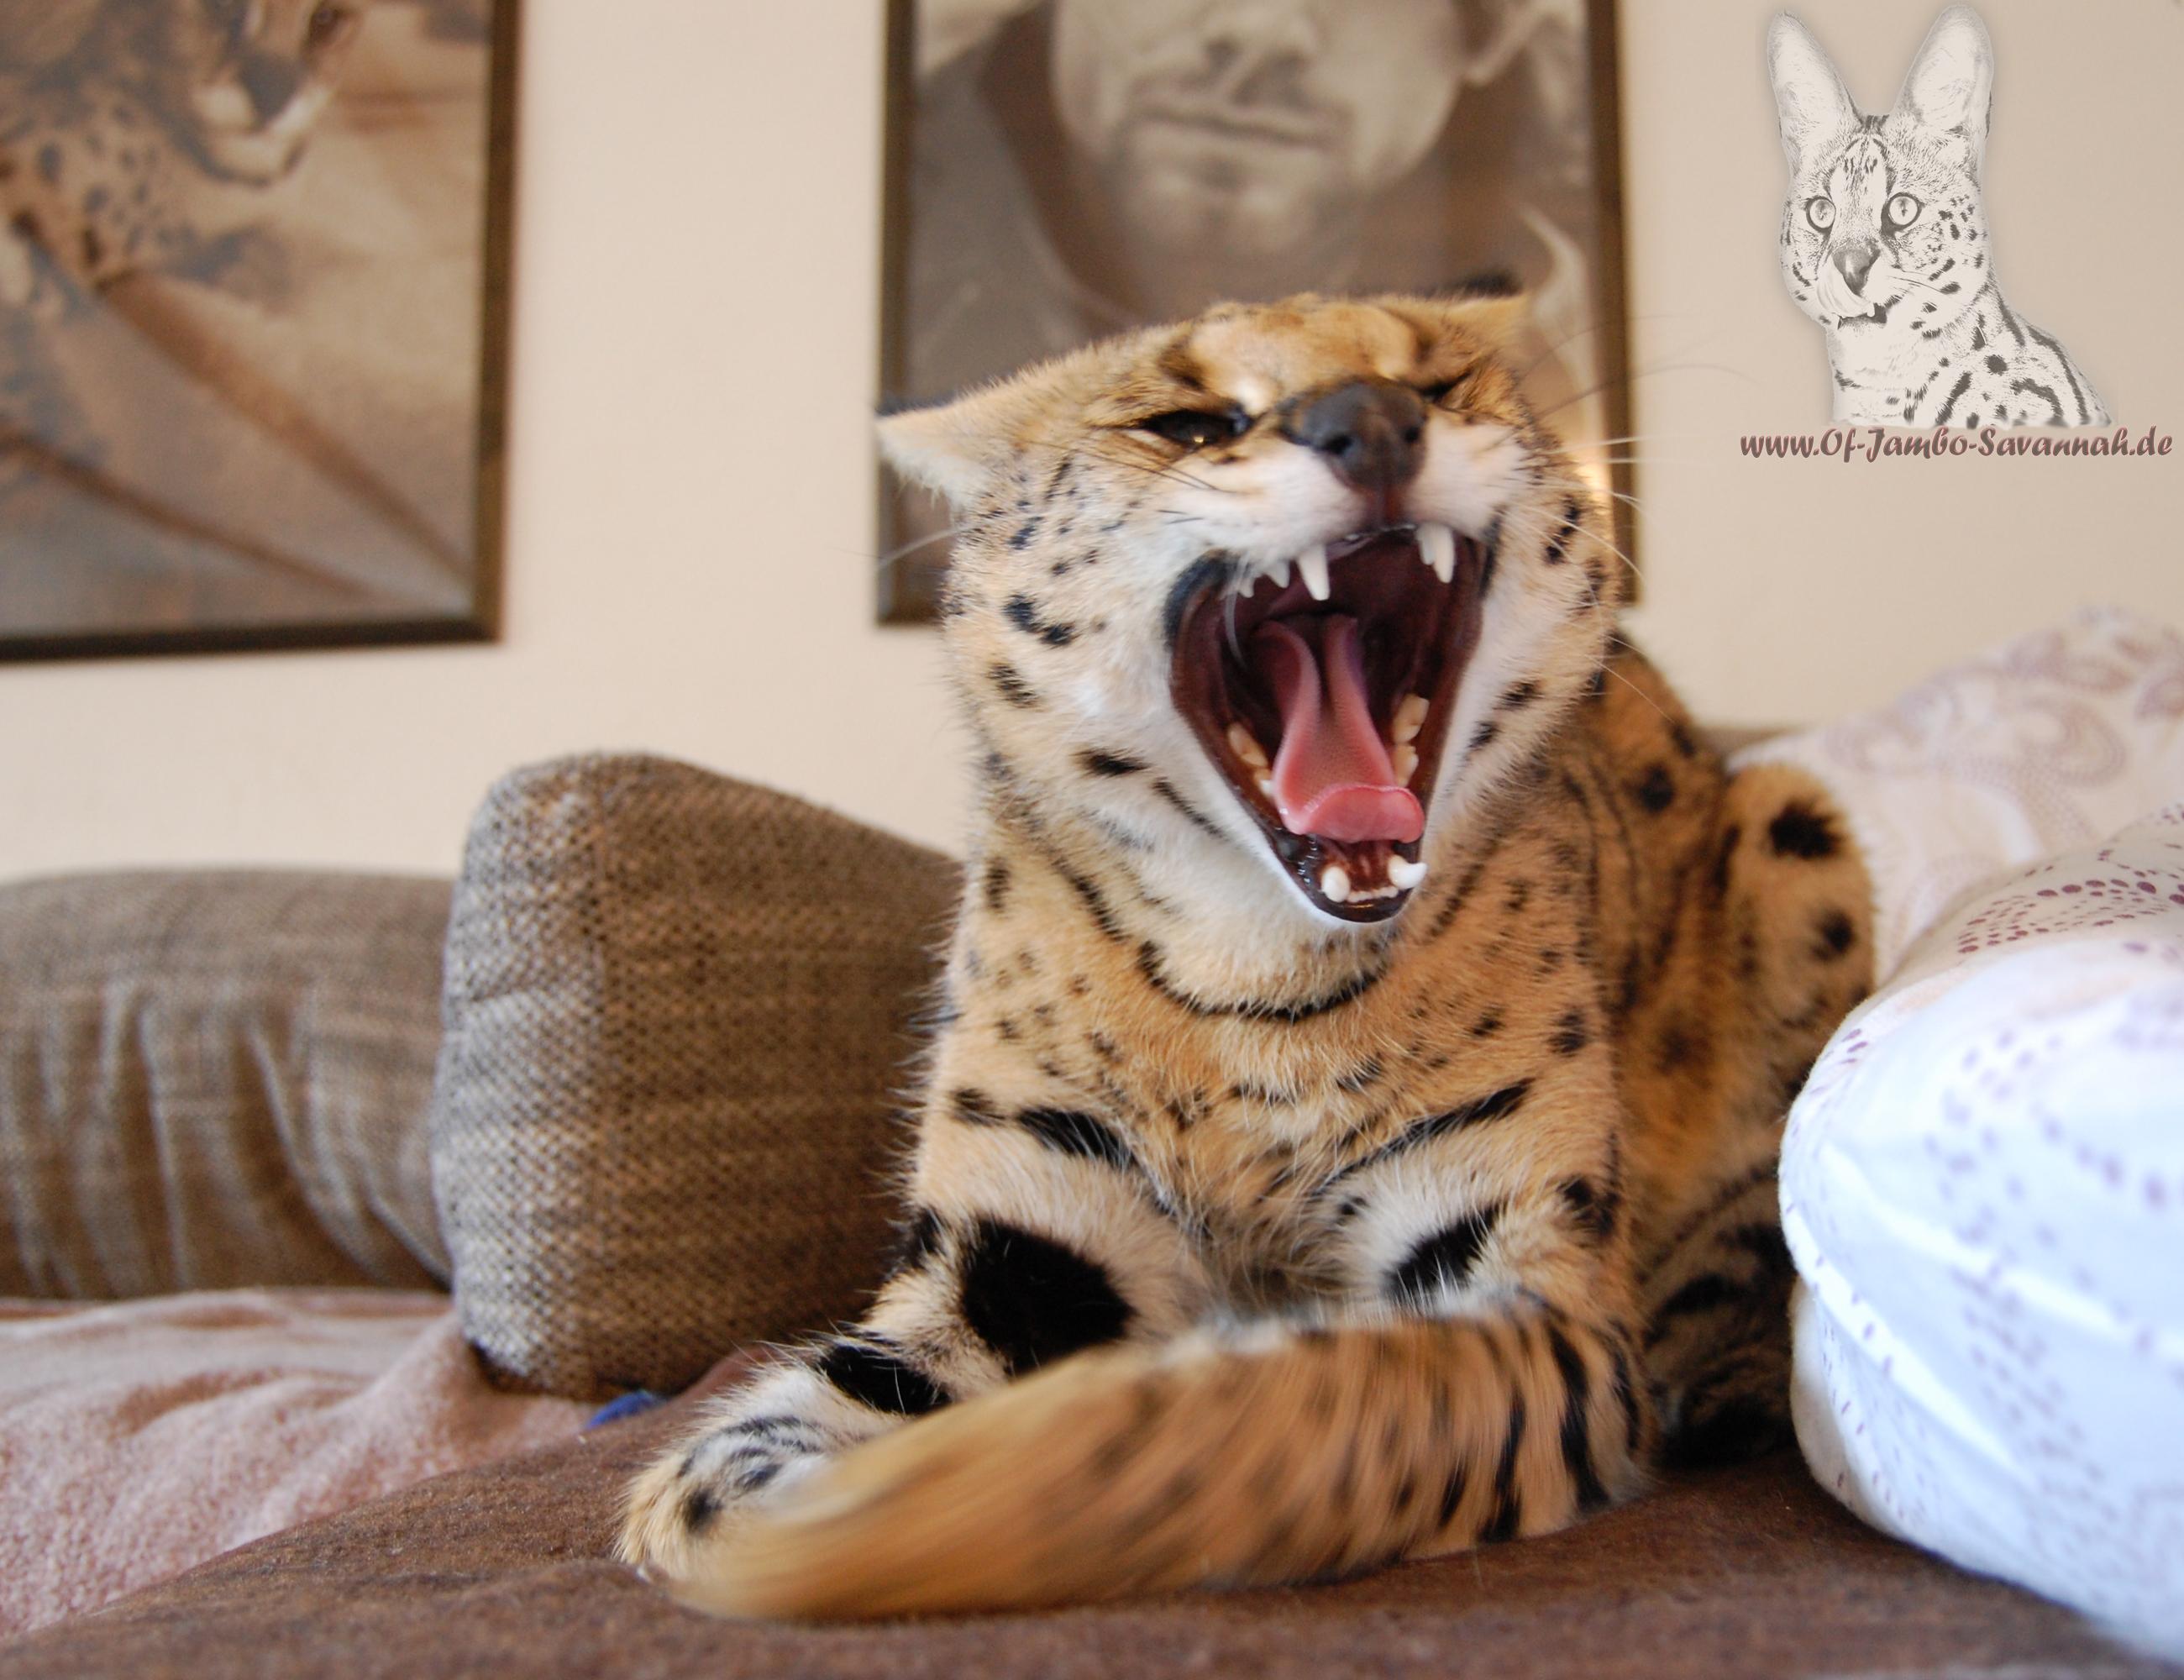 Serval Thor ist der Zuchtkater von der Savannahkatzen Zucht Of Jambo Savannah